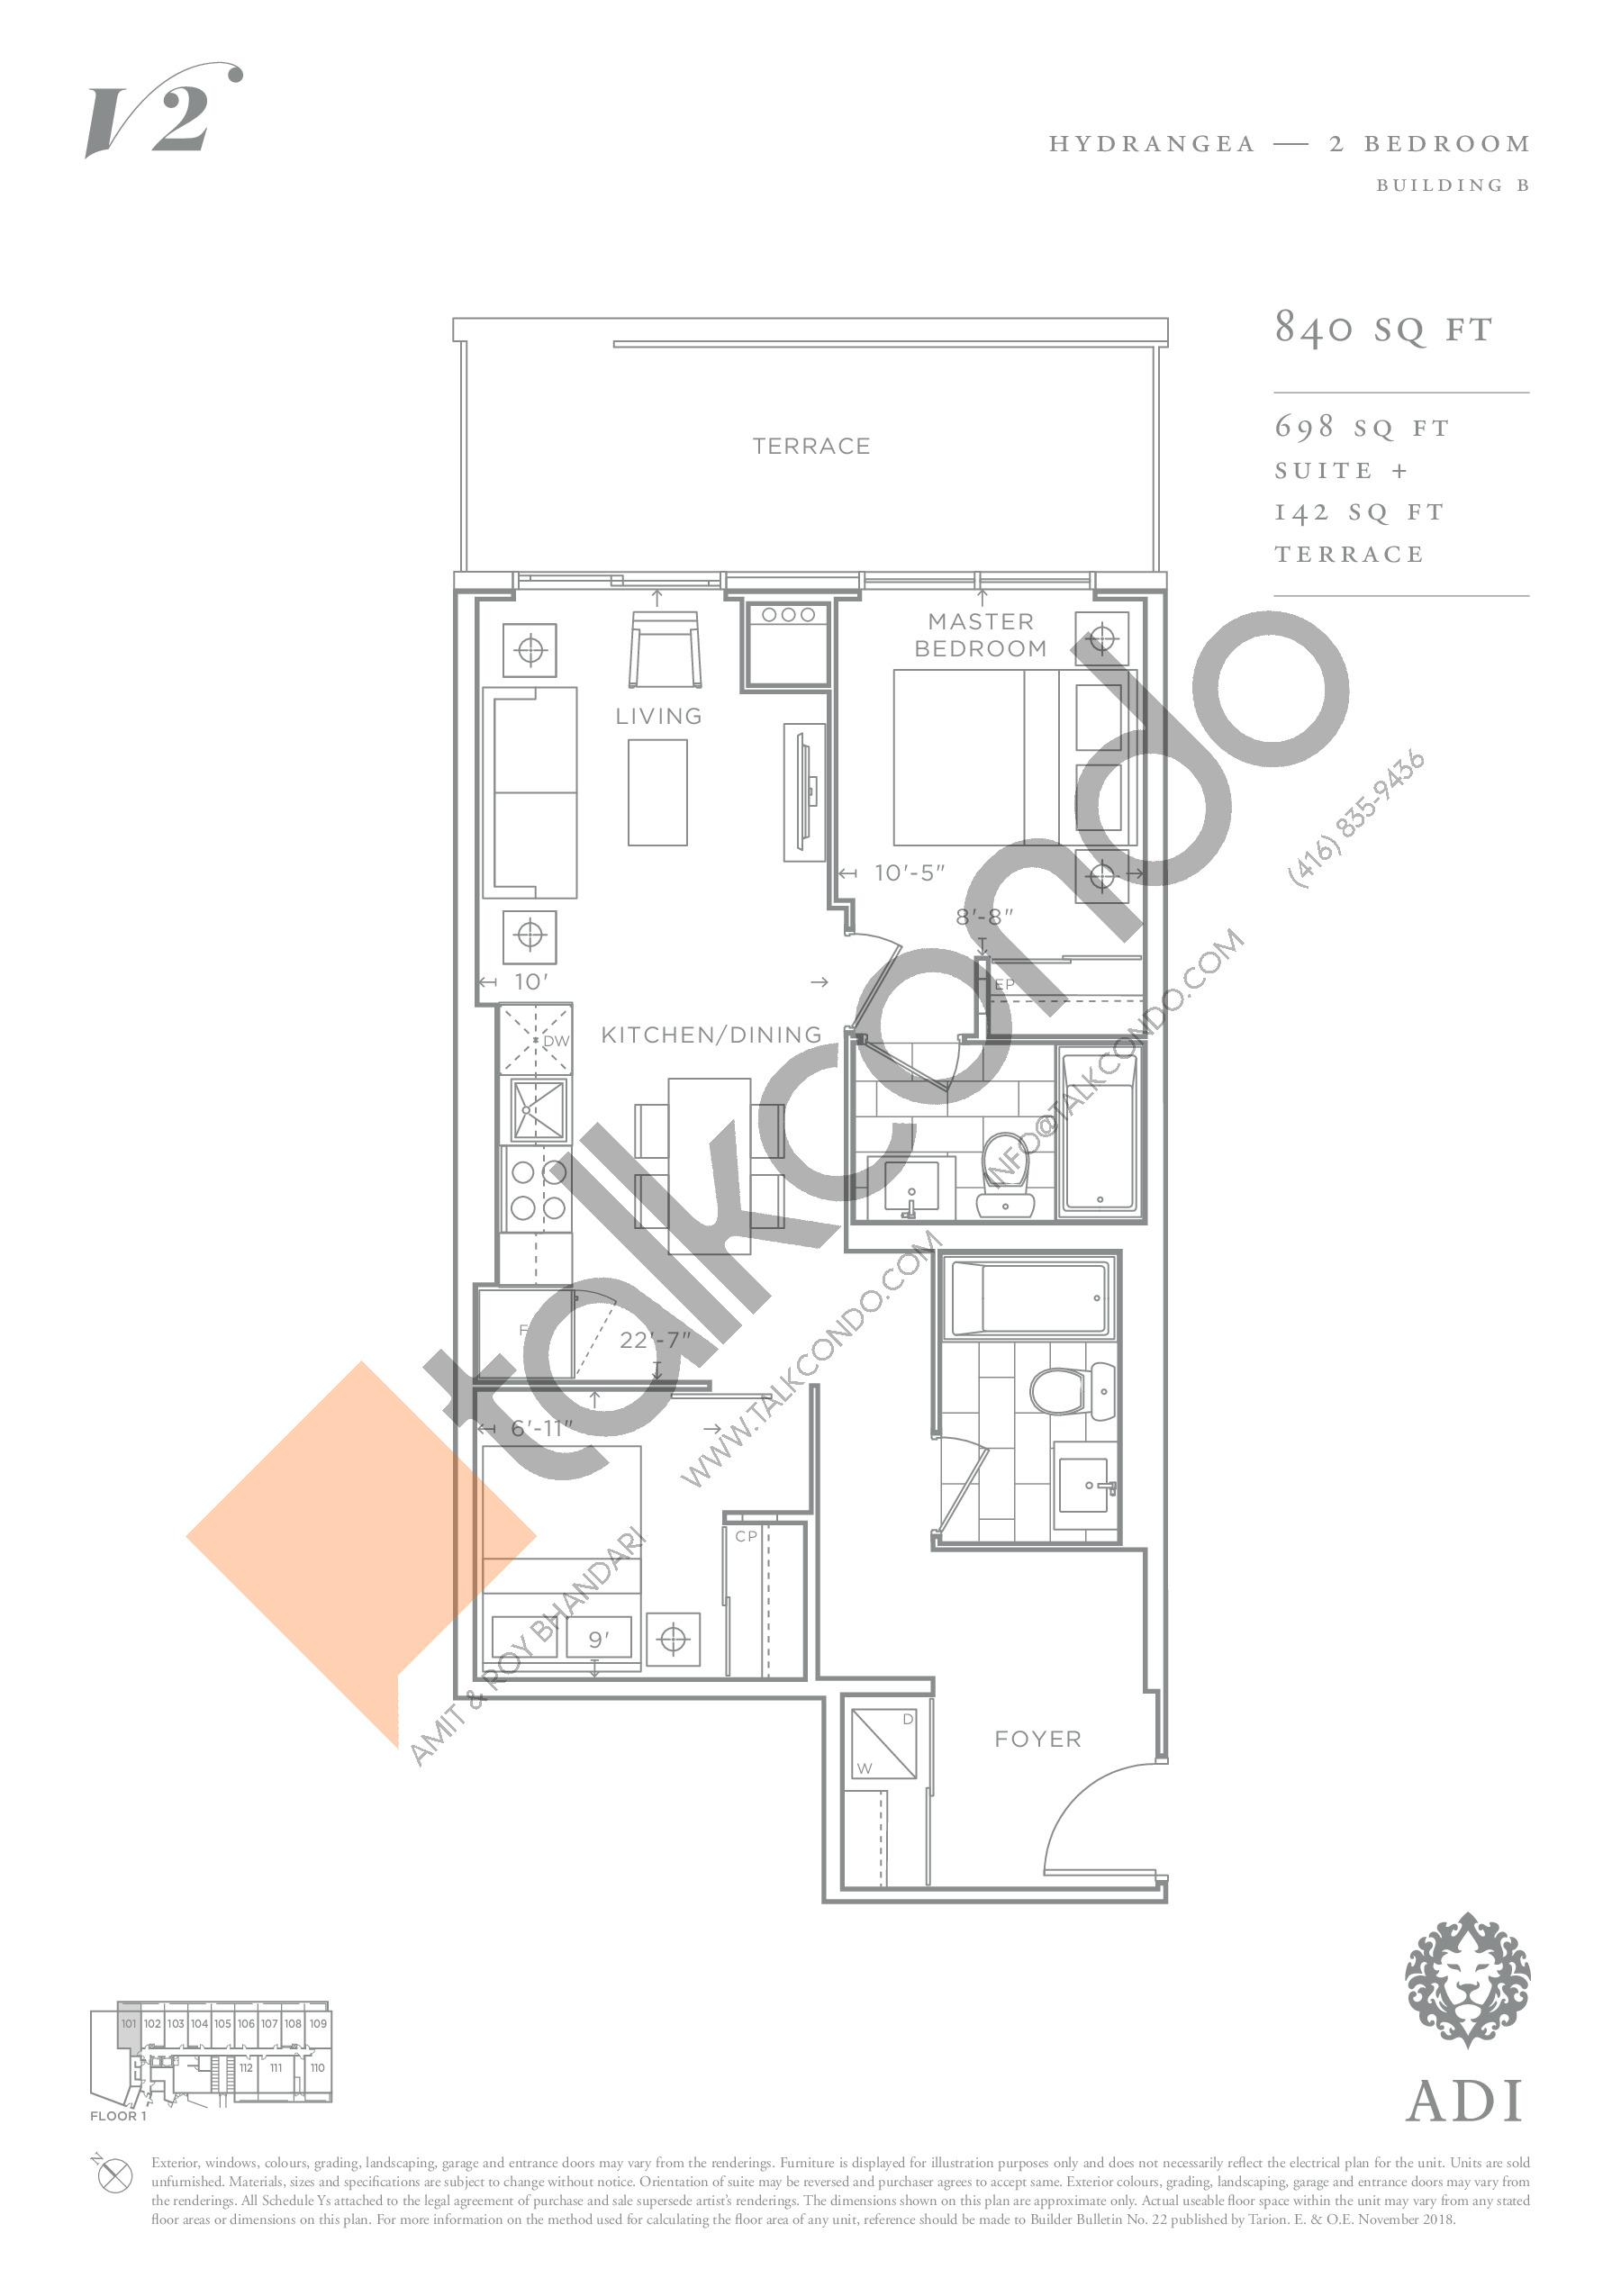 Hydrangea Floor Plan at Valera Condos 2 - 698 sq.ft